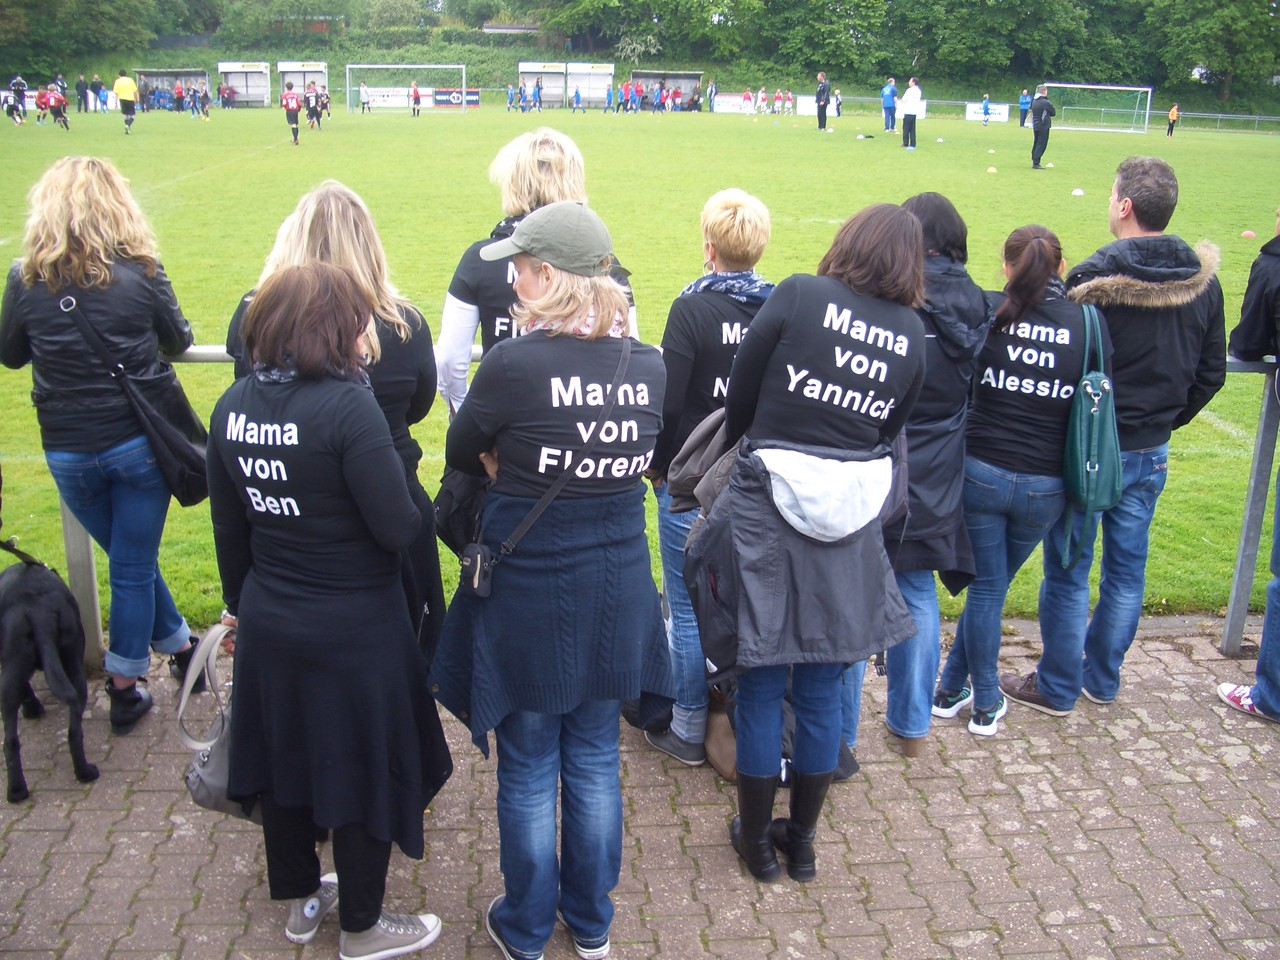 Die Fußball-Muttis beim Pfingstturnier in Lürrip am 18.05.2013